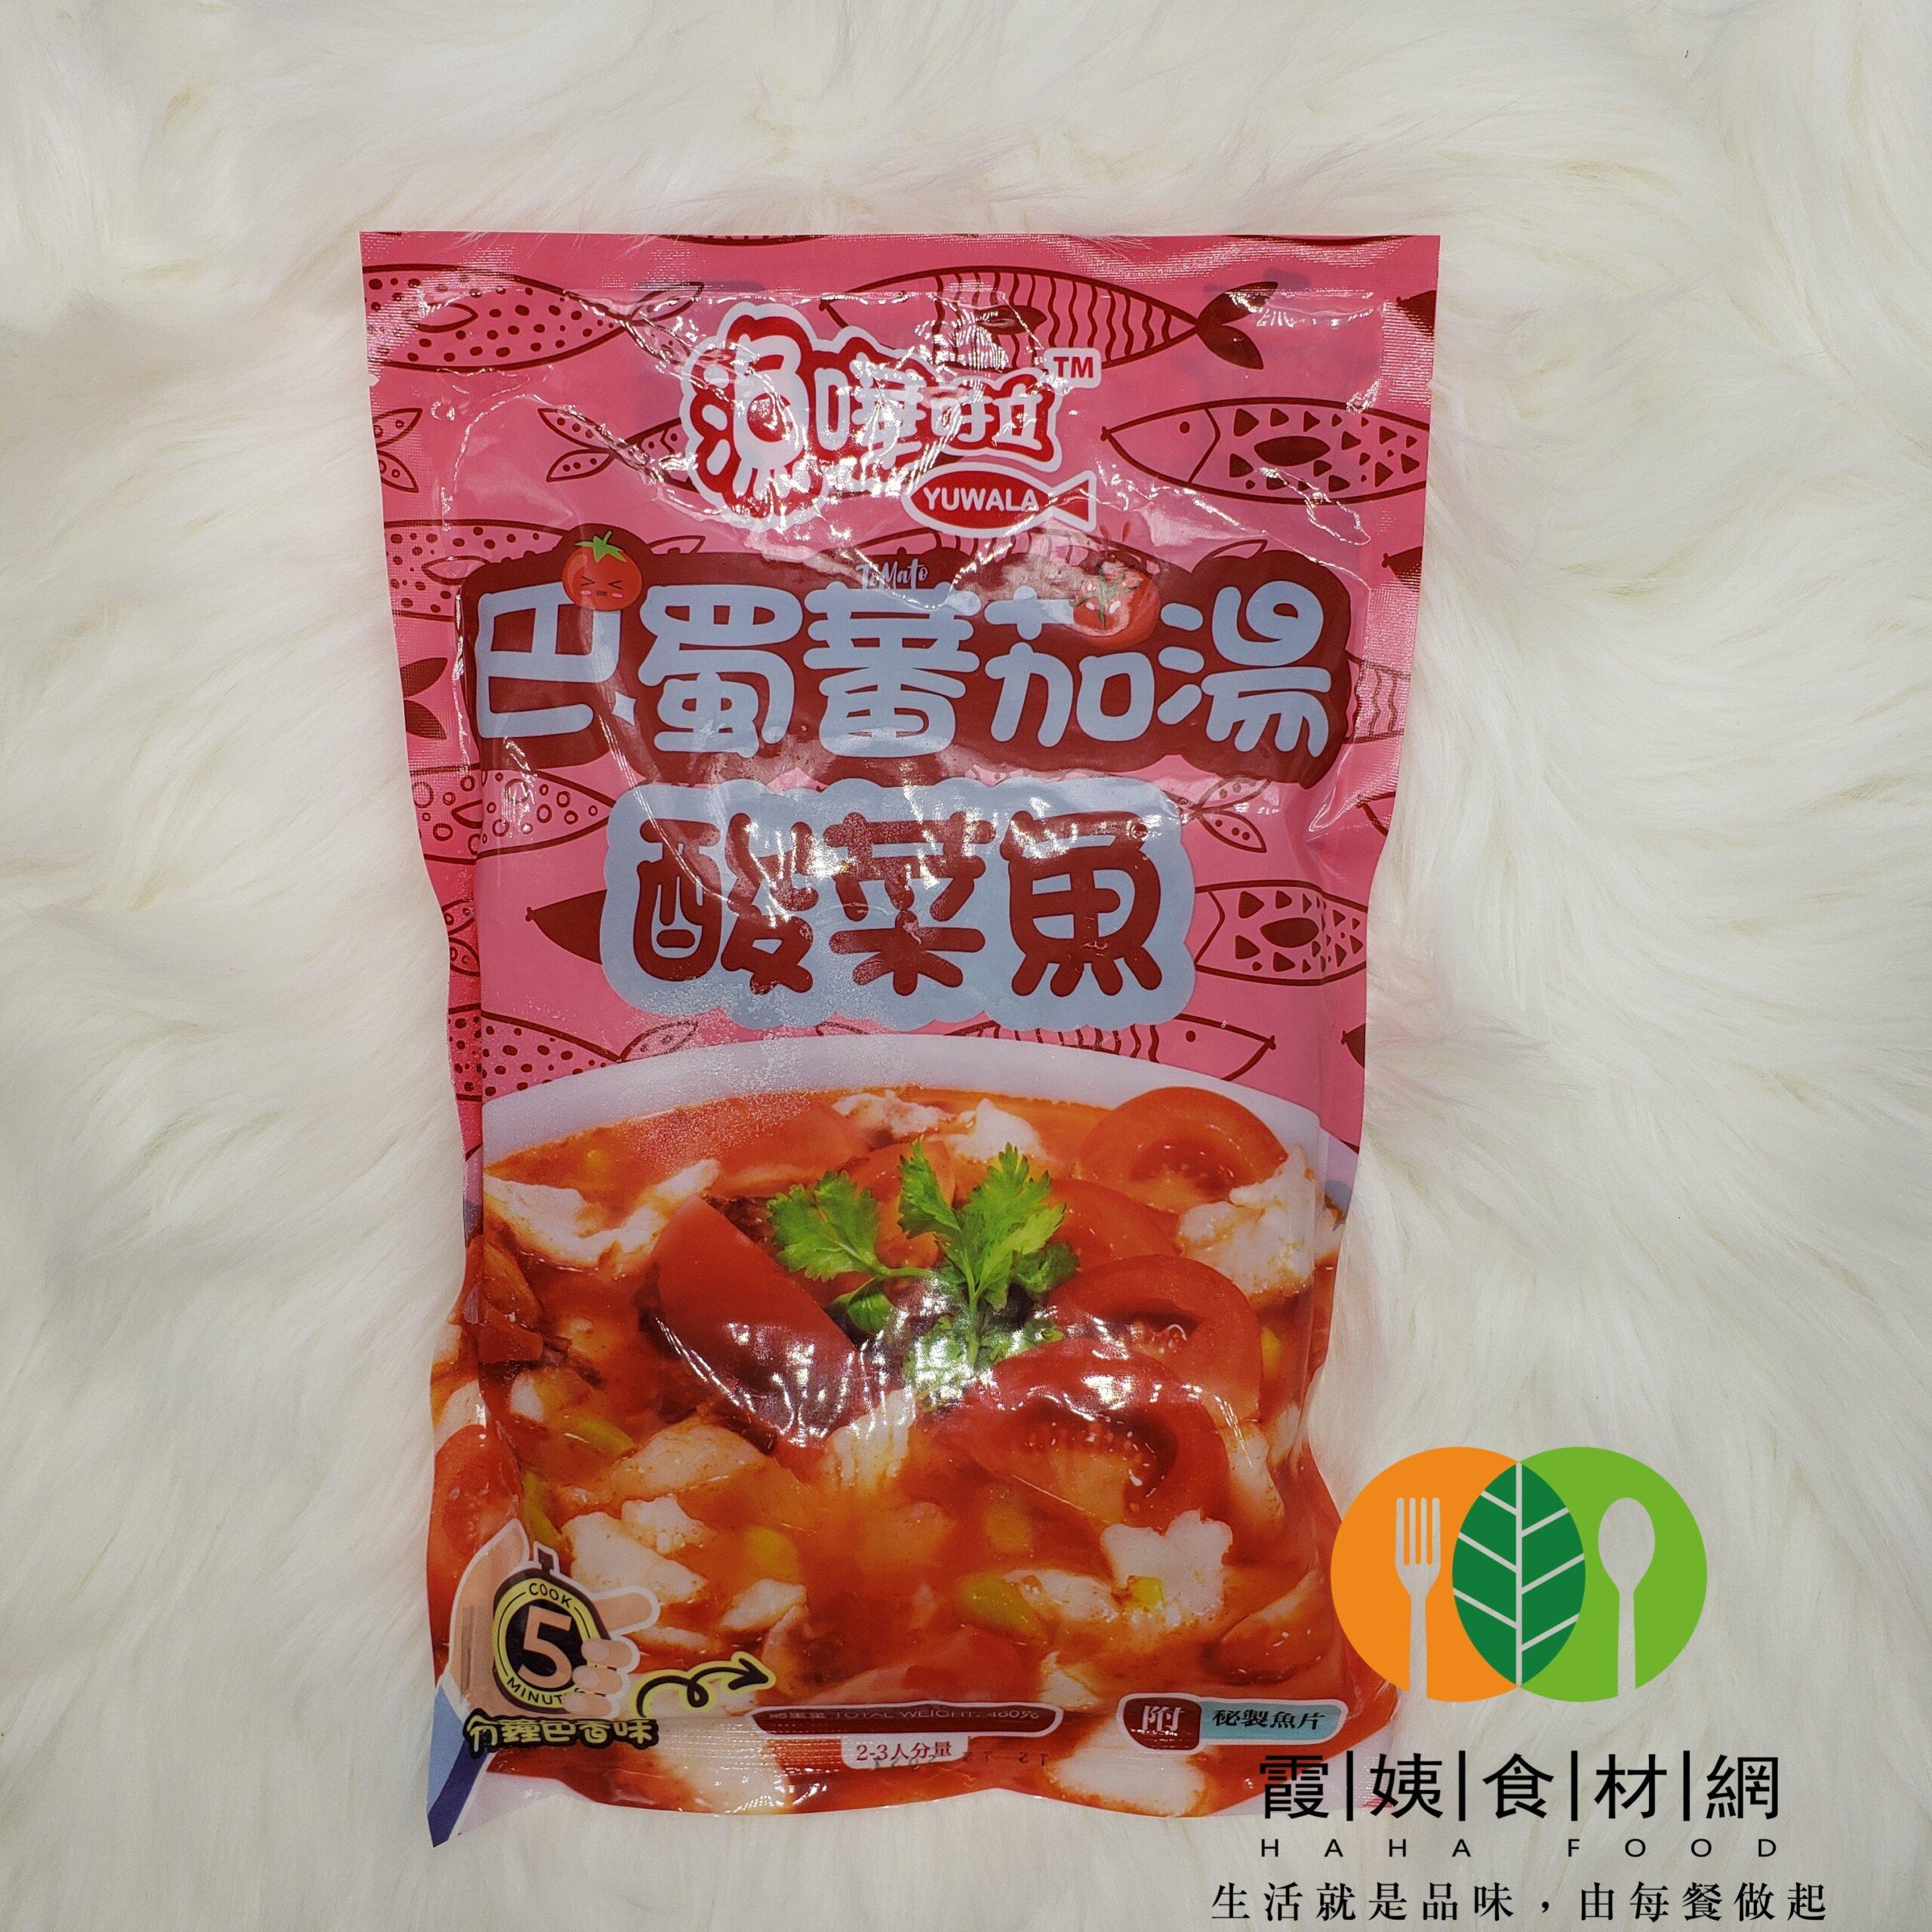 香港漁嘩啦巴蜀蕃茄湯酸菜魚